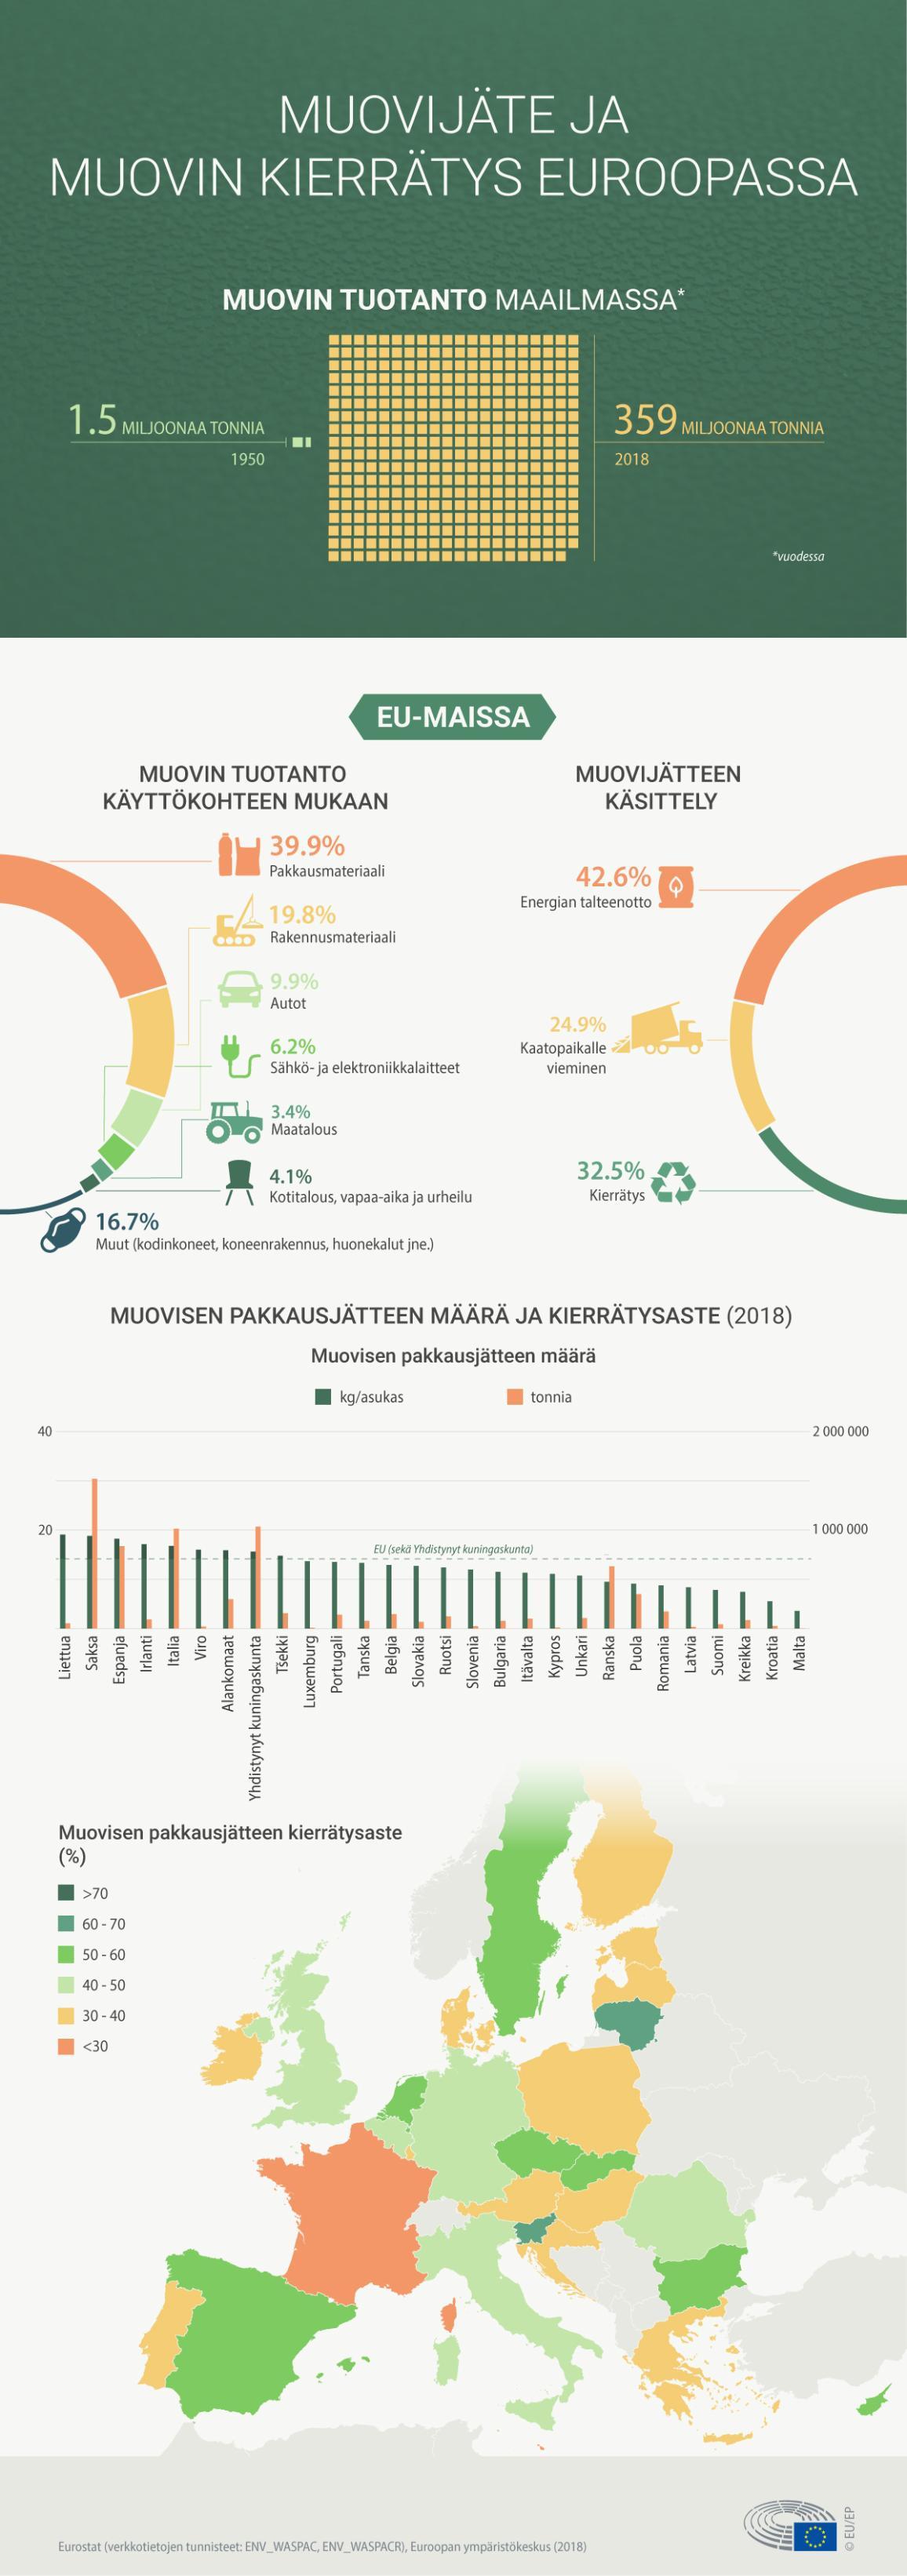 Infografiikka näyttää tilastoja muovijätteestä ja sen käsittelystä Infografiikka näyttää tilastoja muovijätteestä ja sen käsittelystä EU:ssa.